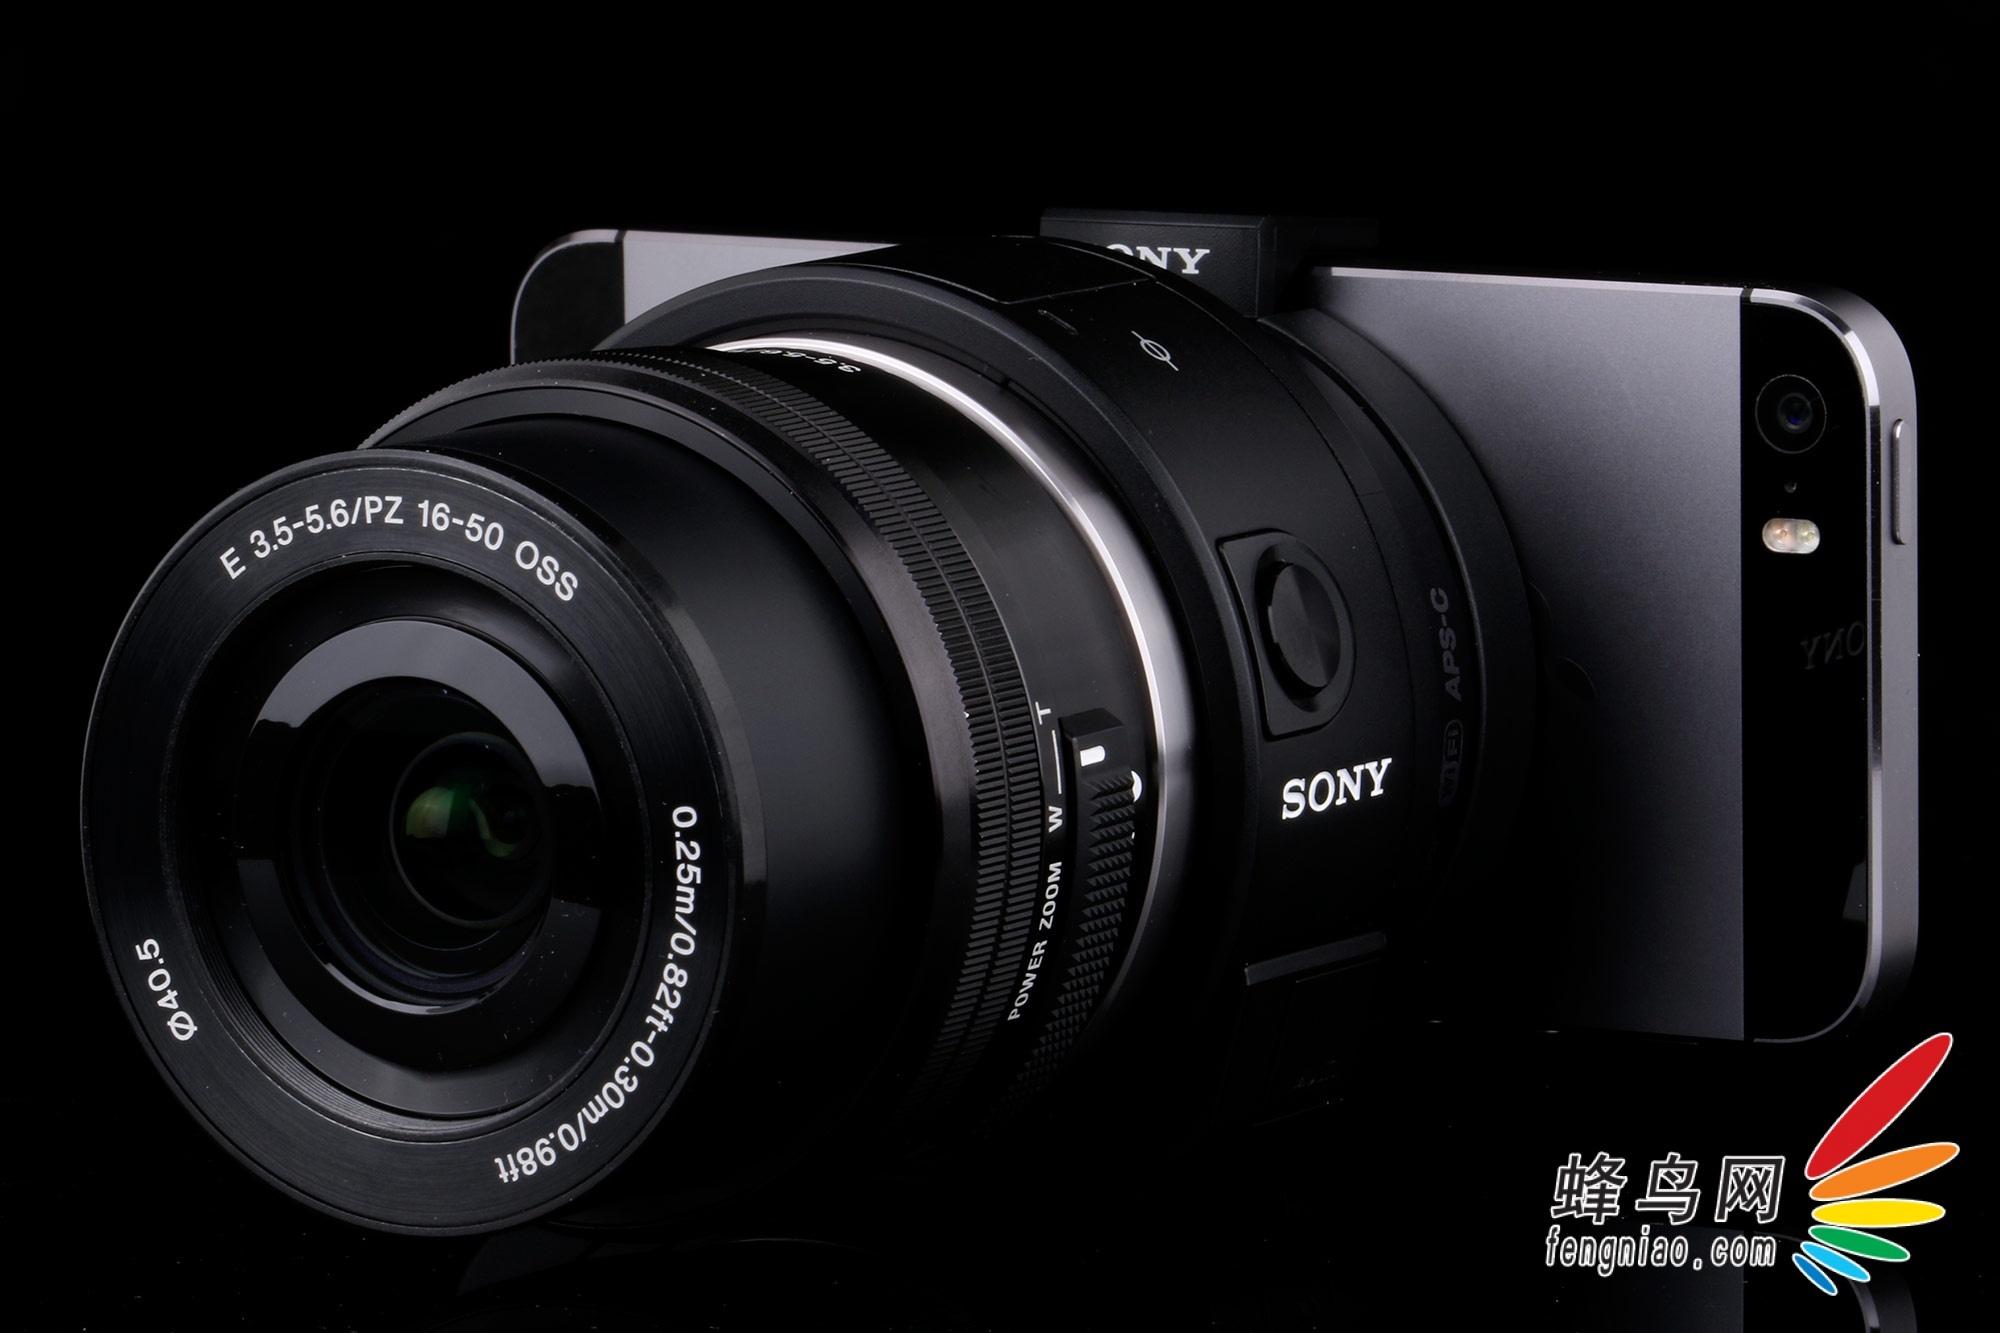 此小型相機已插入手機,并且相機靠近Sony Black Card.